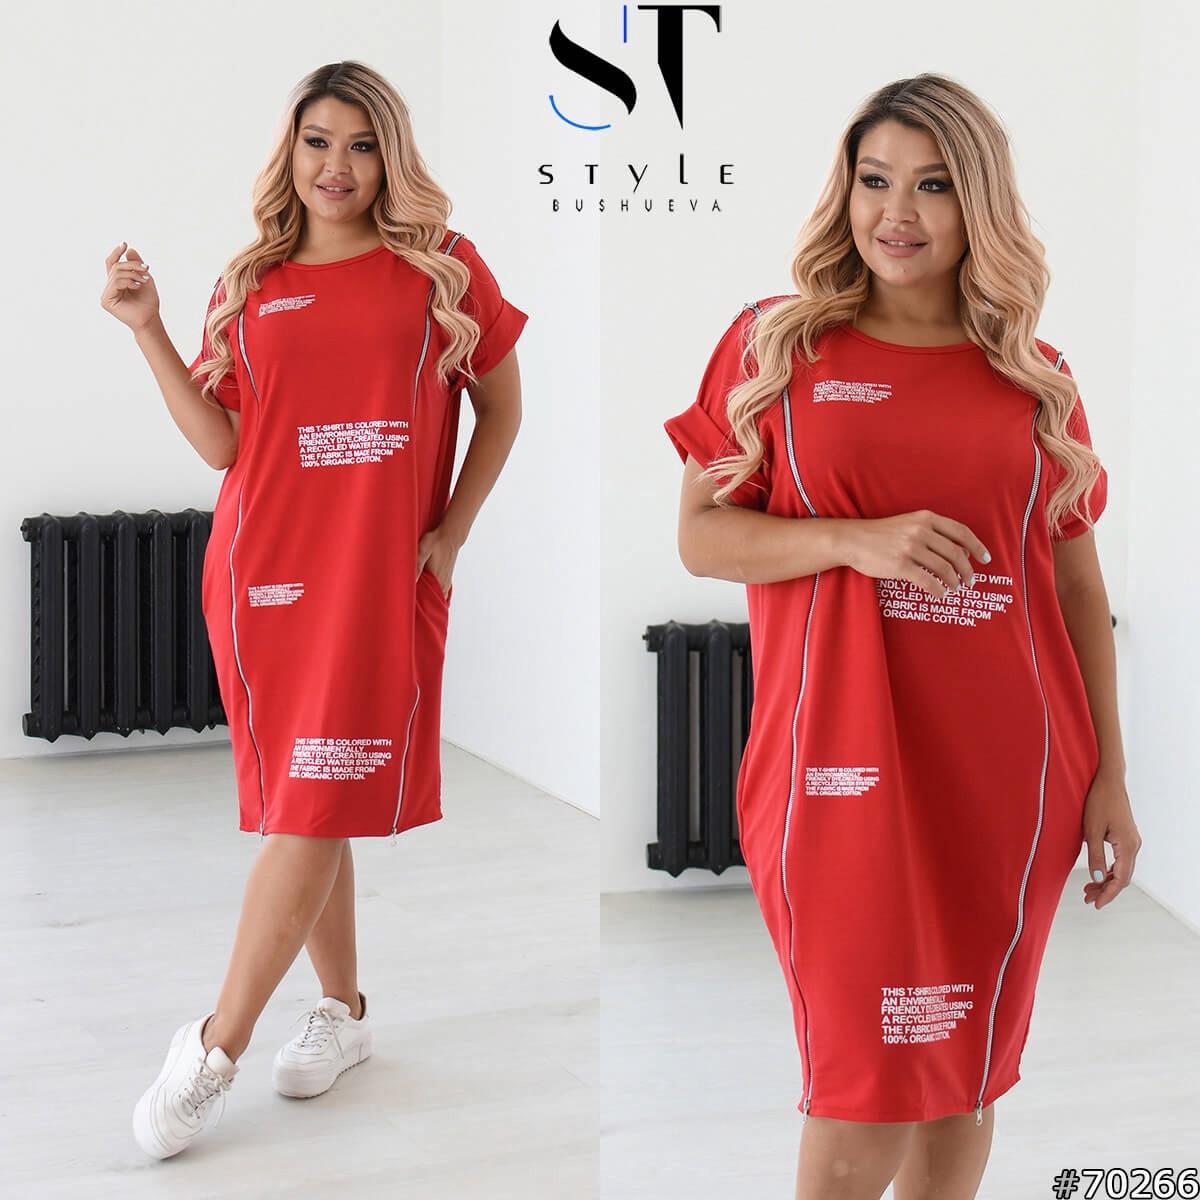 Стильна сукня в спортивному стилі зі змійками і написами, батал великі розміри